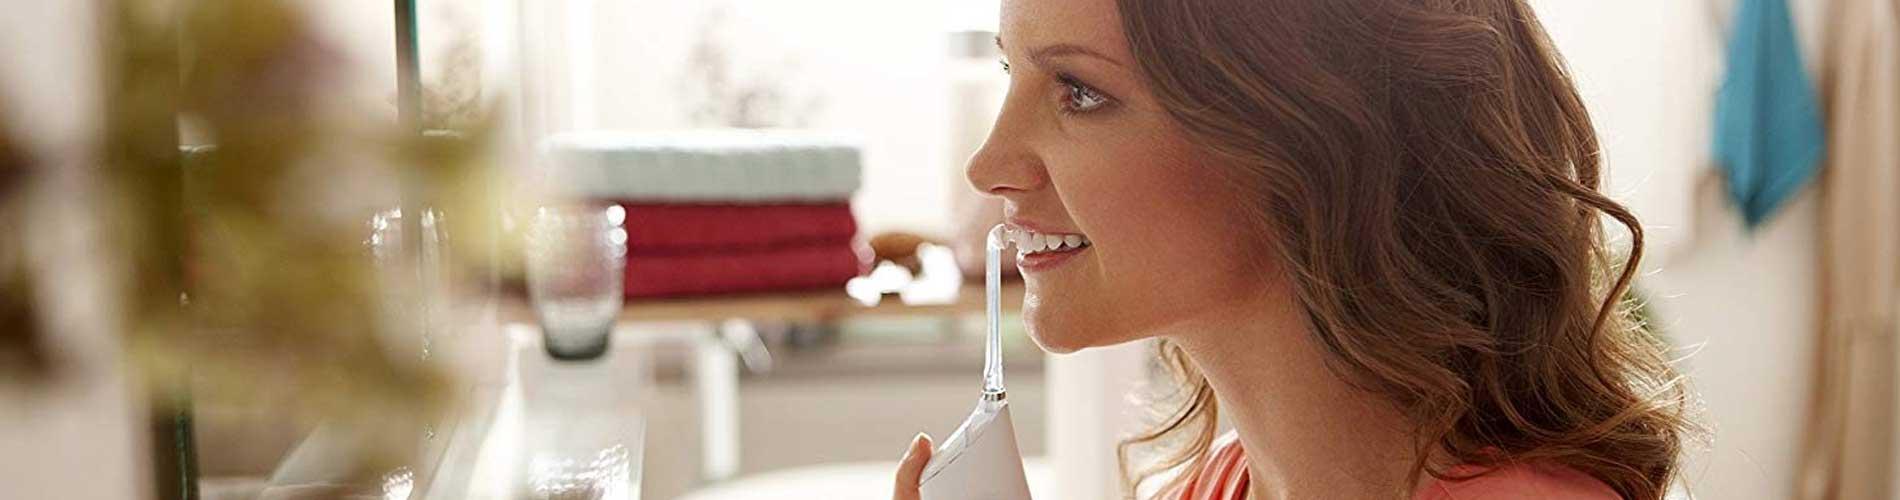 Ирригаторы для полости рта: современный уход за зубами